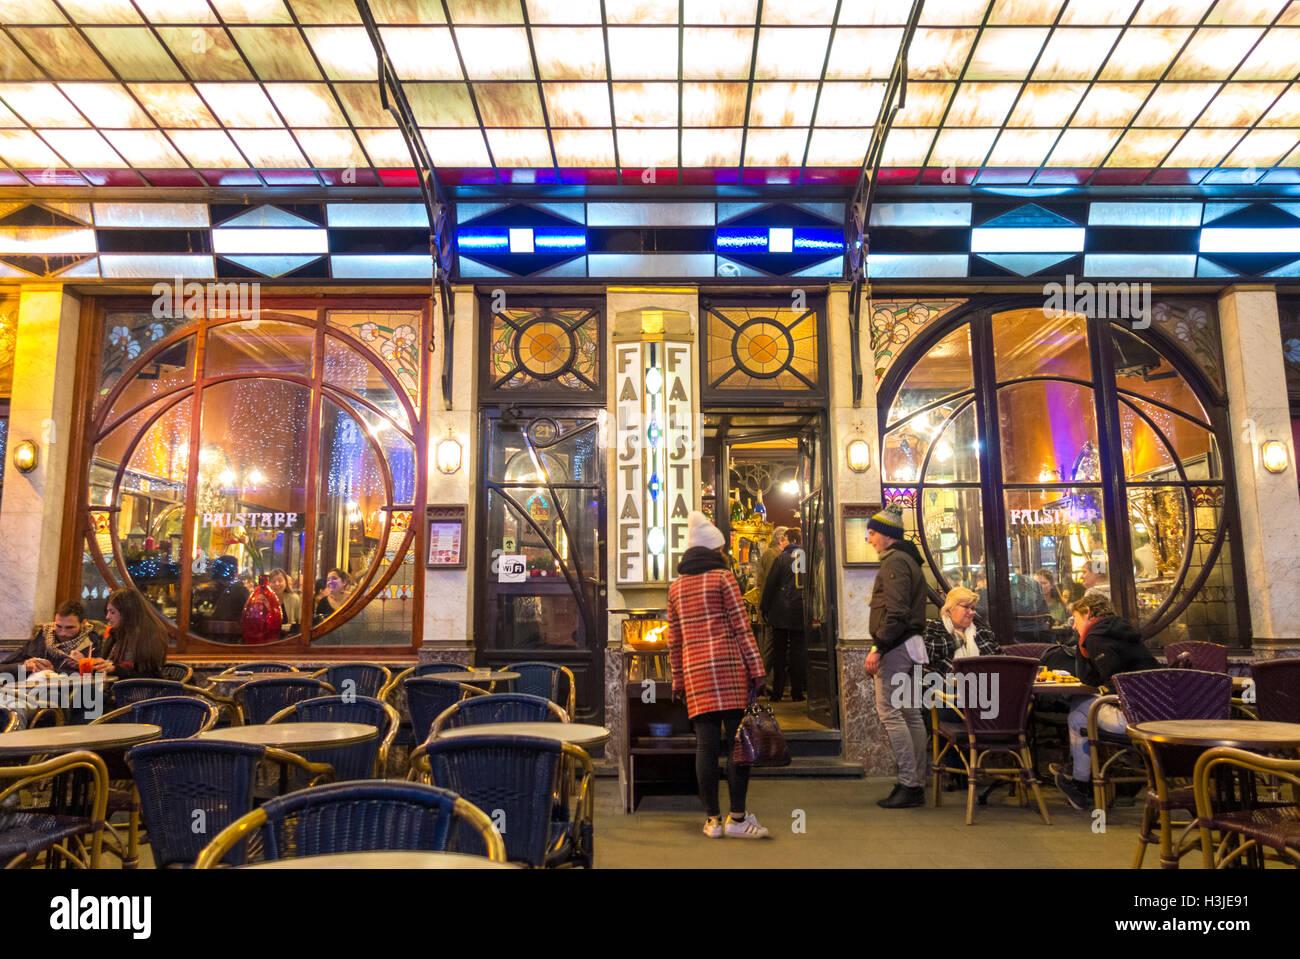 Brüssel restaurant le falstaff café bar pub berühmte beliebte pub